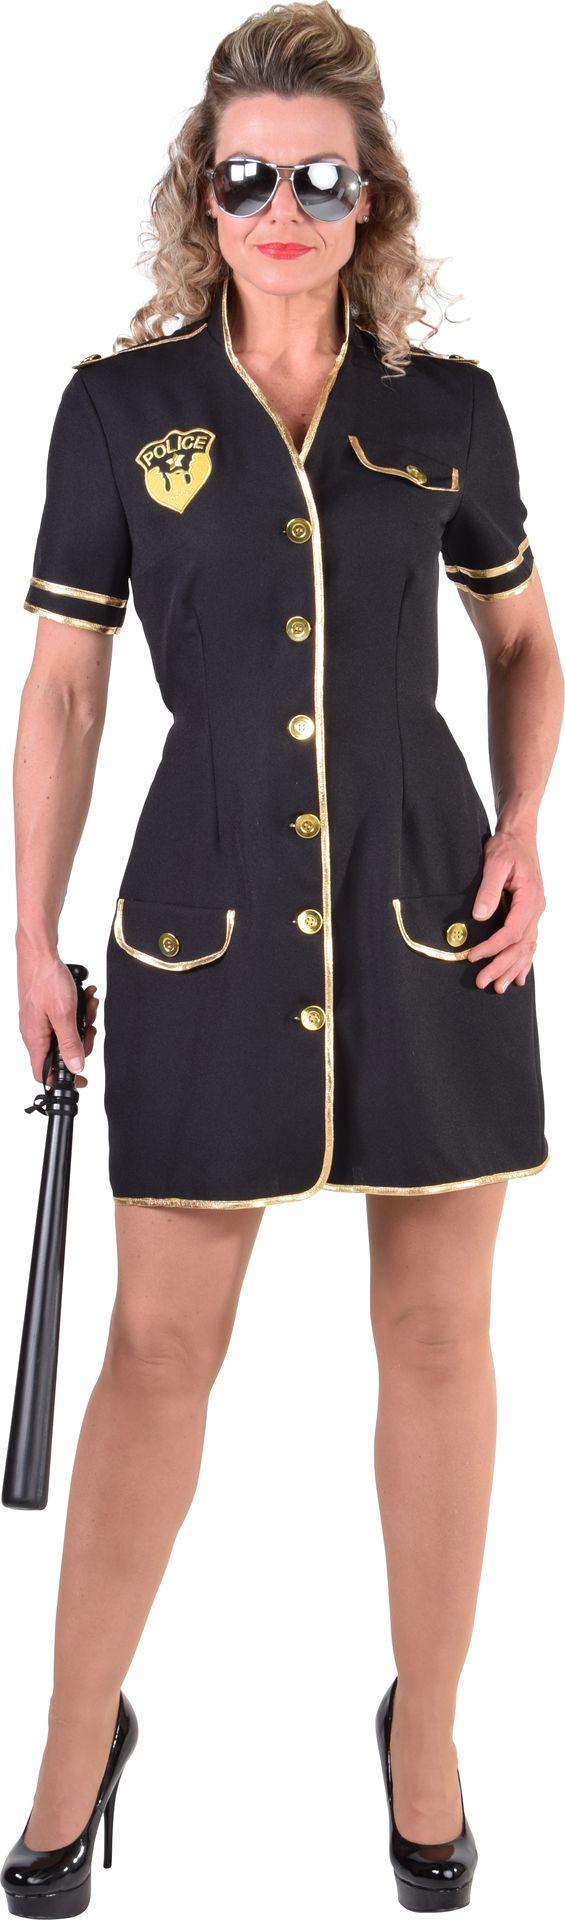 Zwart politievrouw kostuum